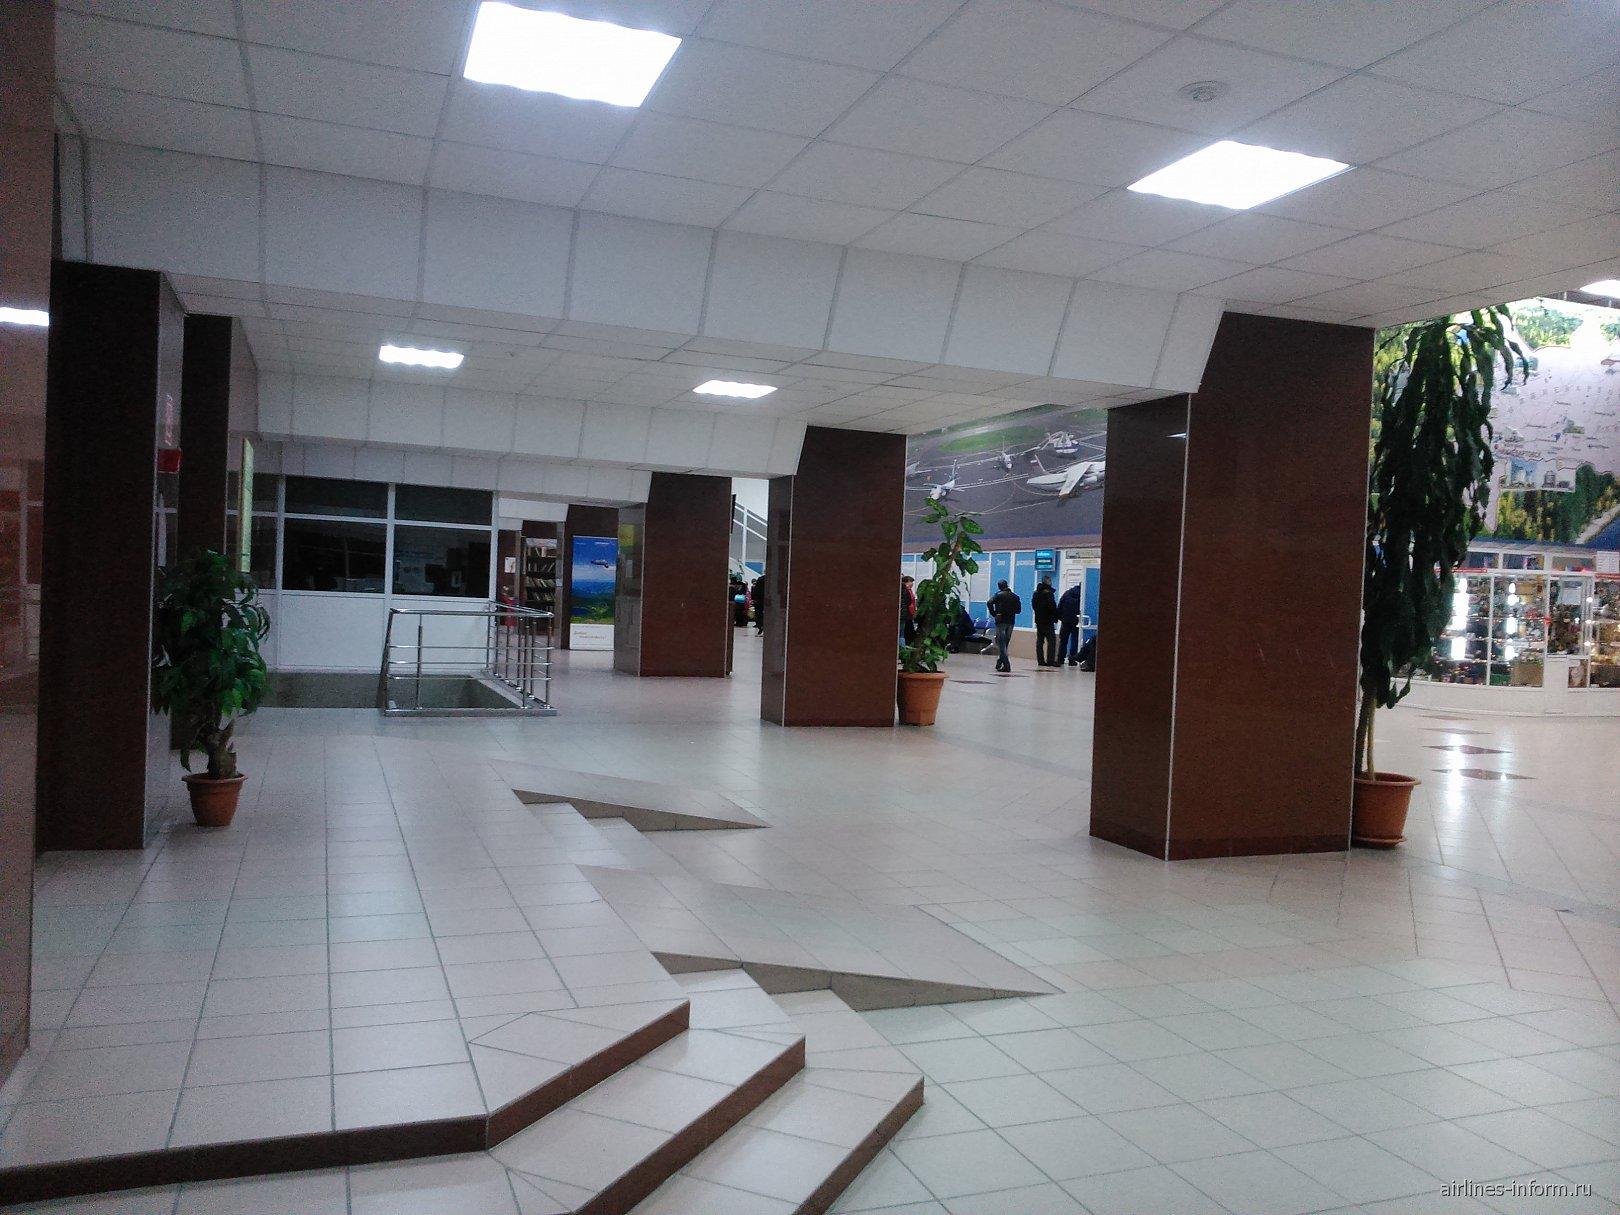 Второй этаж терминала внутренних линий аэропорта Нижневартовска